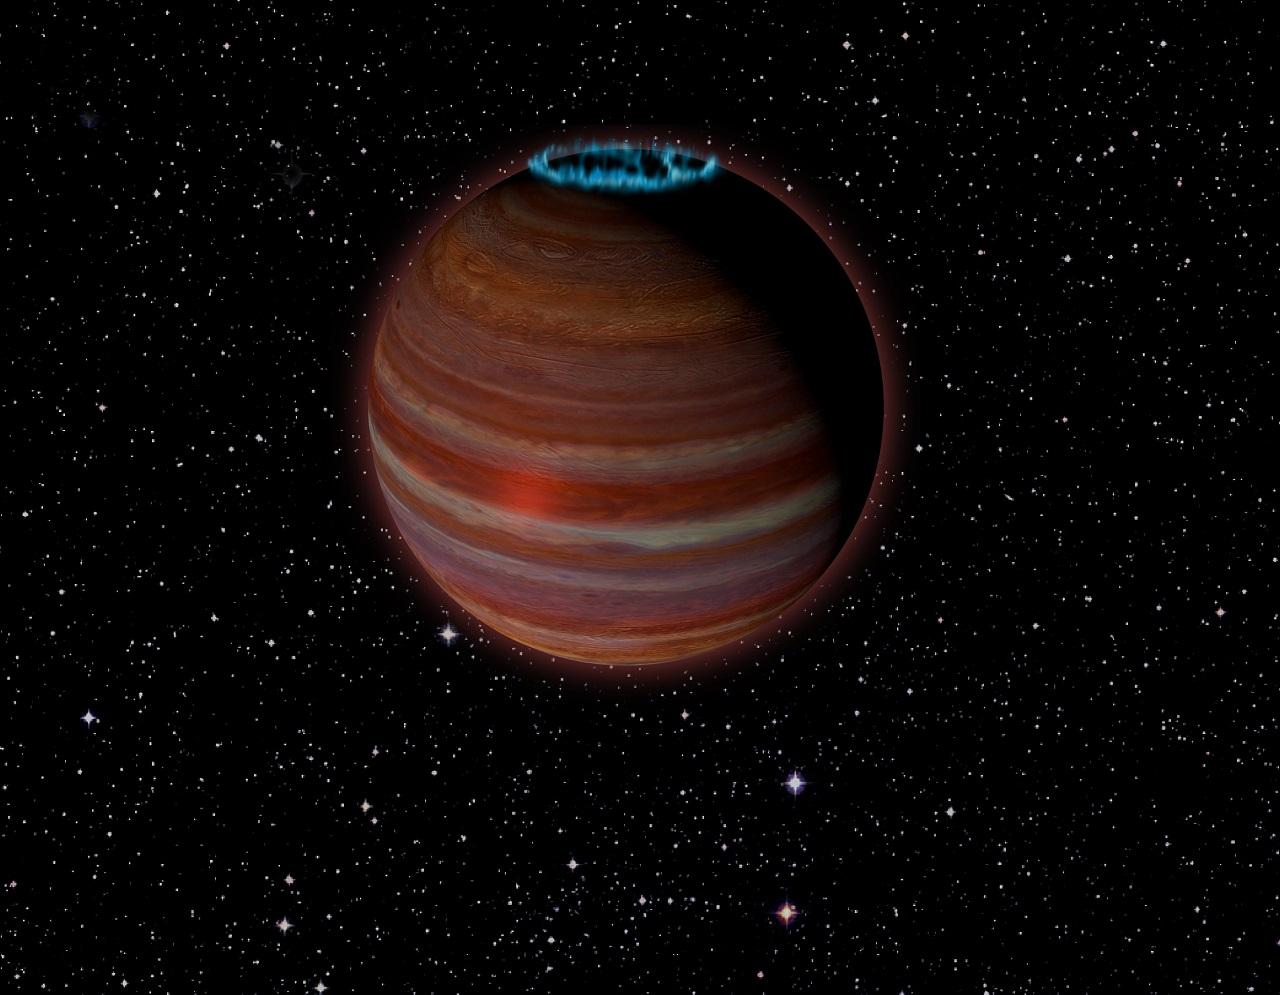 მზის სისტემის სამეზობლოში აღმოჩენილია გიგანტური მოხეტიალე პლანეტა